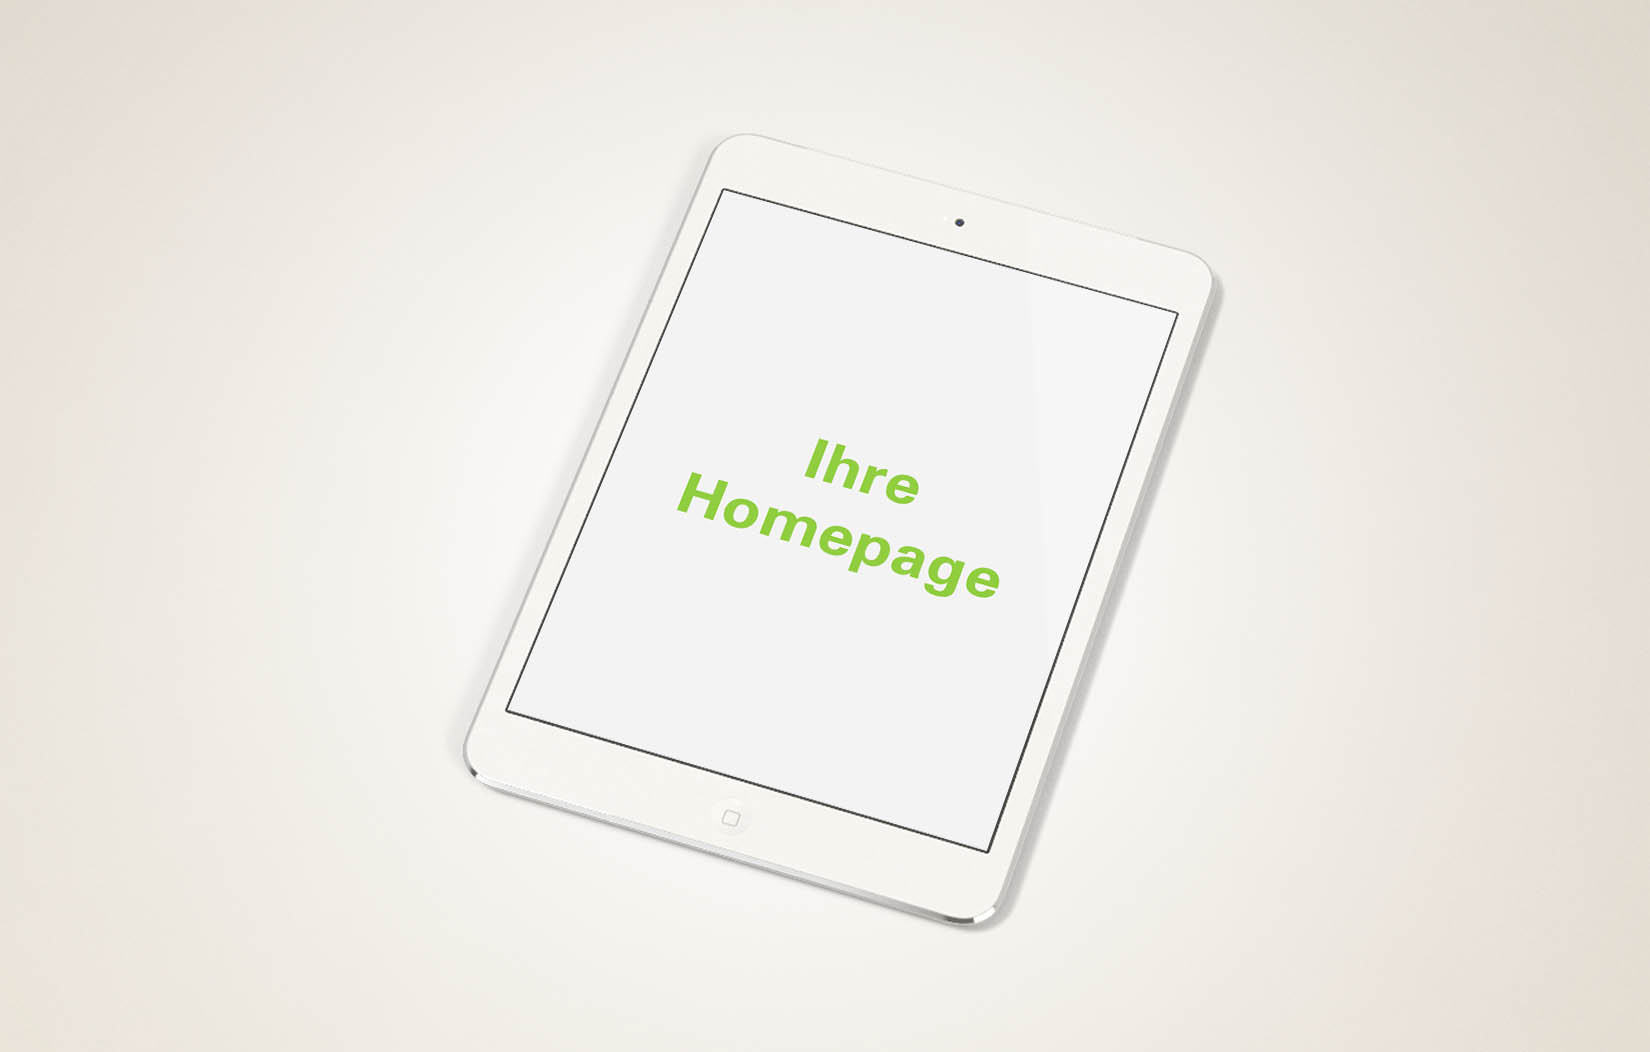 homepage-leer-klein